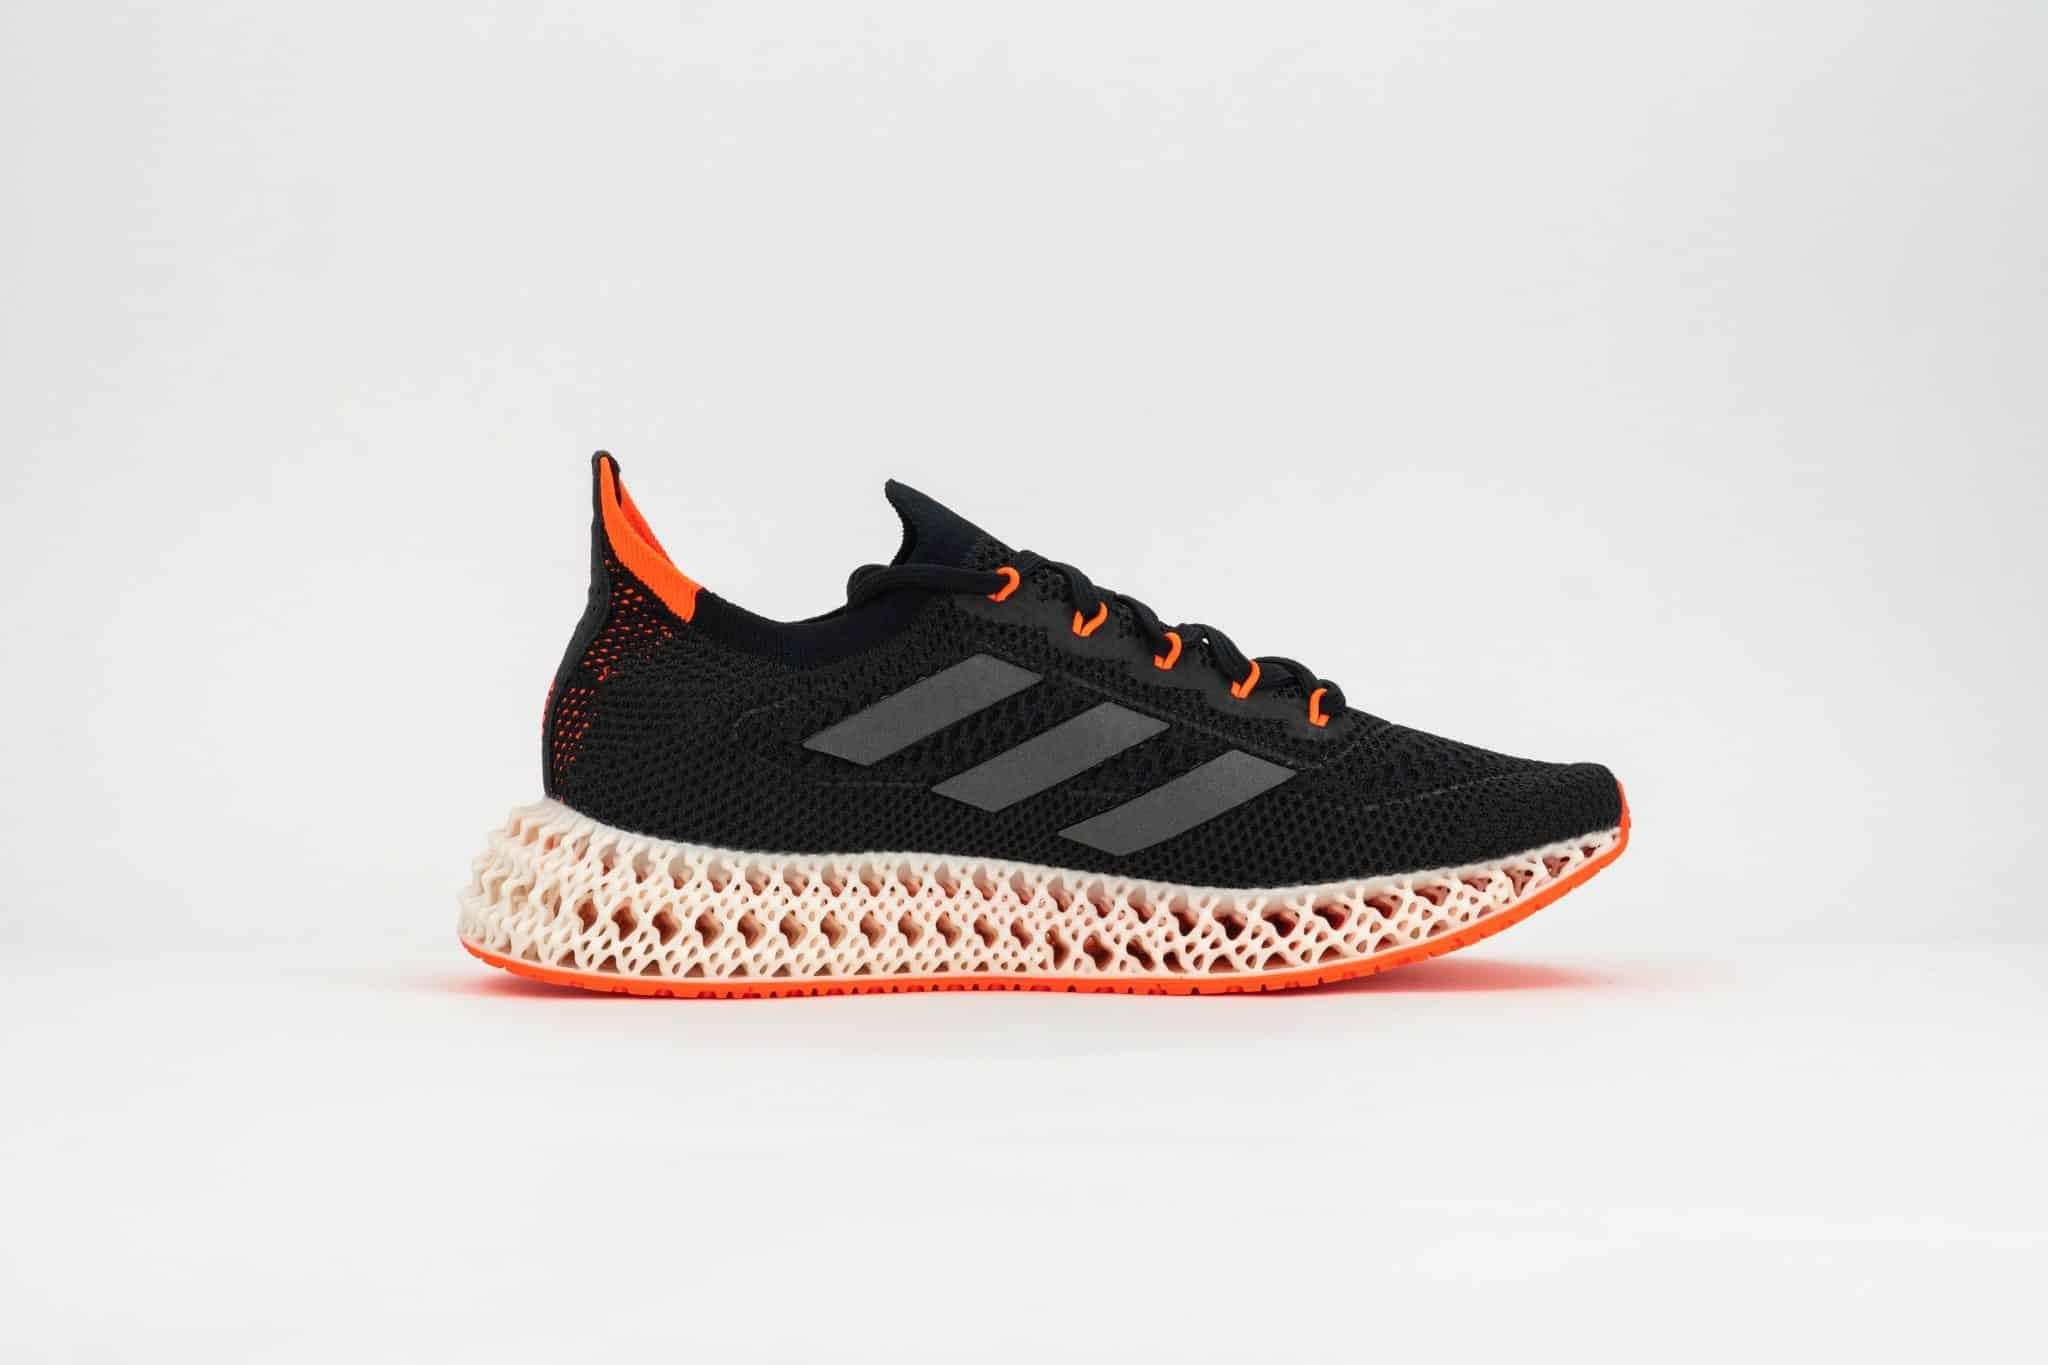 L'Adidas 4DFWR ou la chaussure imprimée en 3D